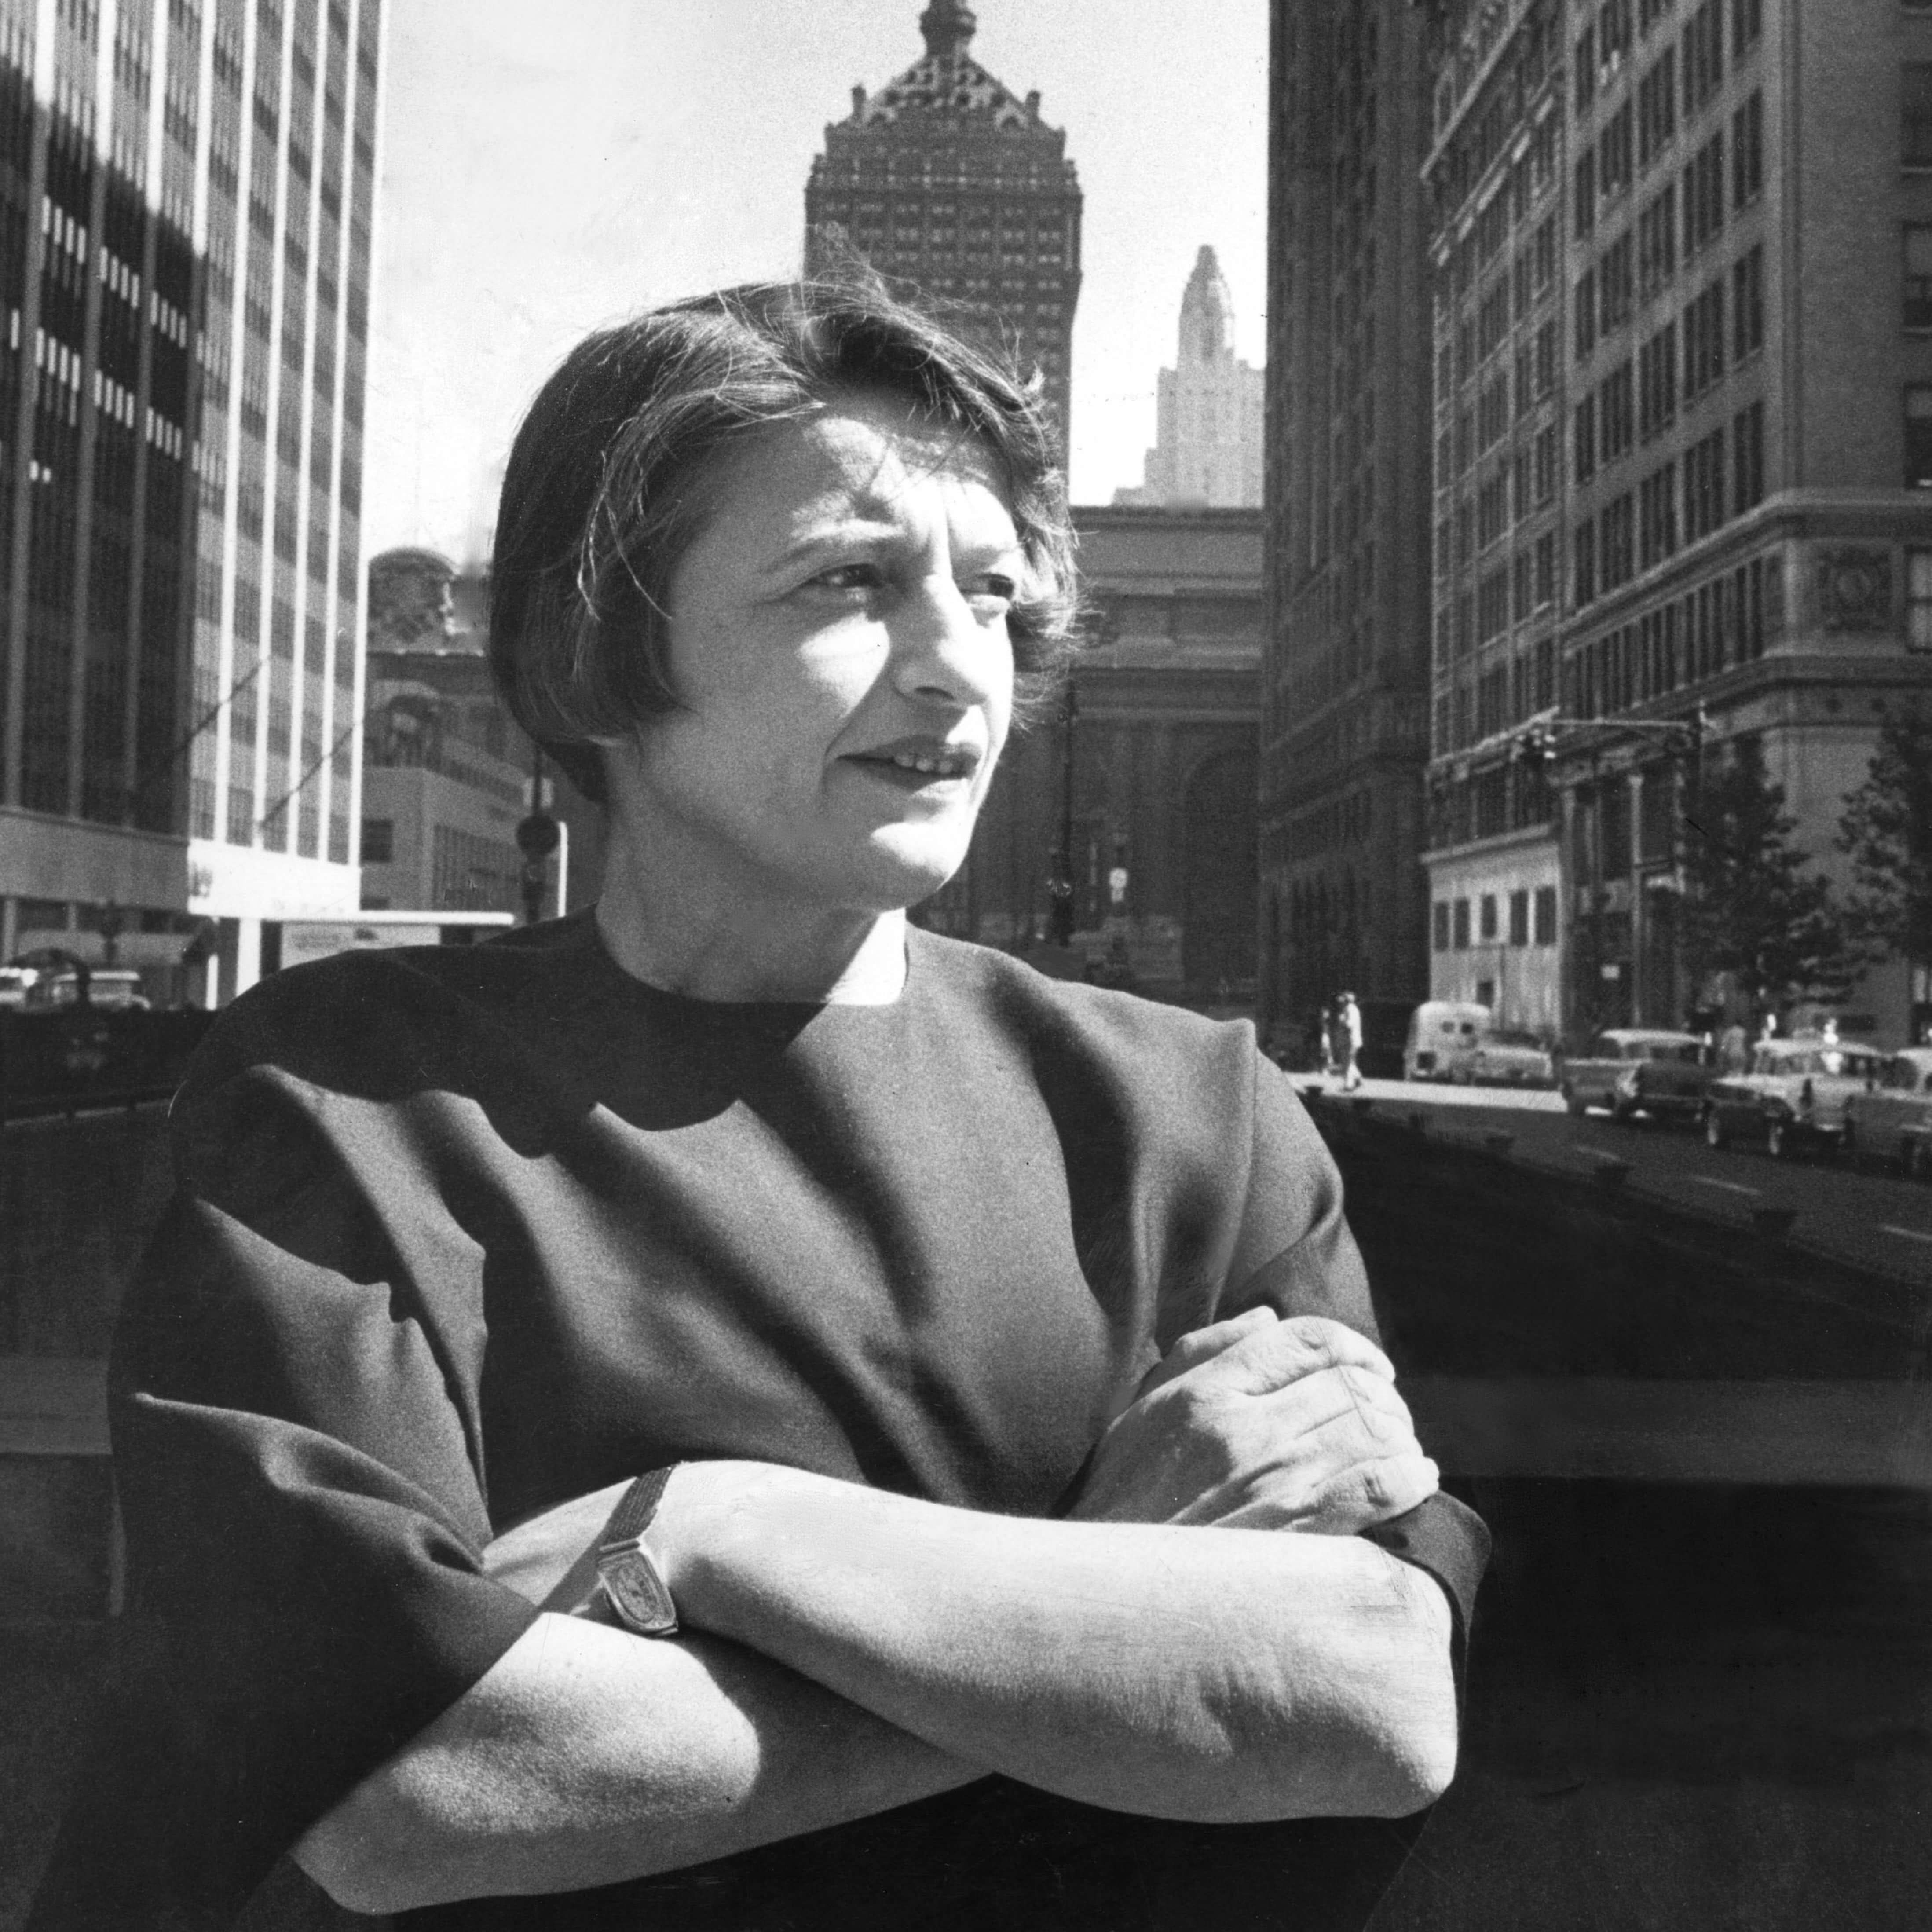 Айн Рэнд получила 12отказов подряд дотого, как смогла опубликовать роман «Источник». Фото: Allyn Baum / The New York Times